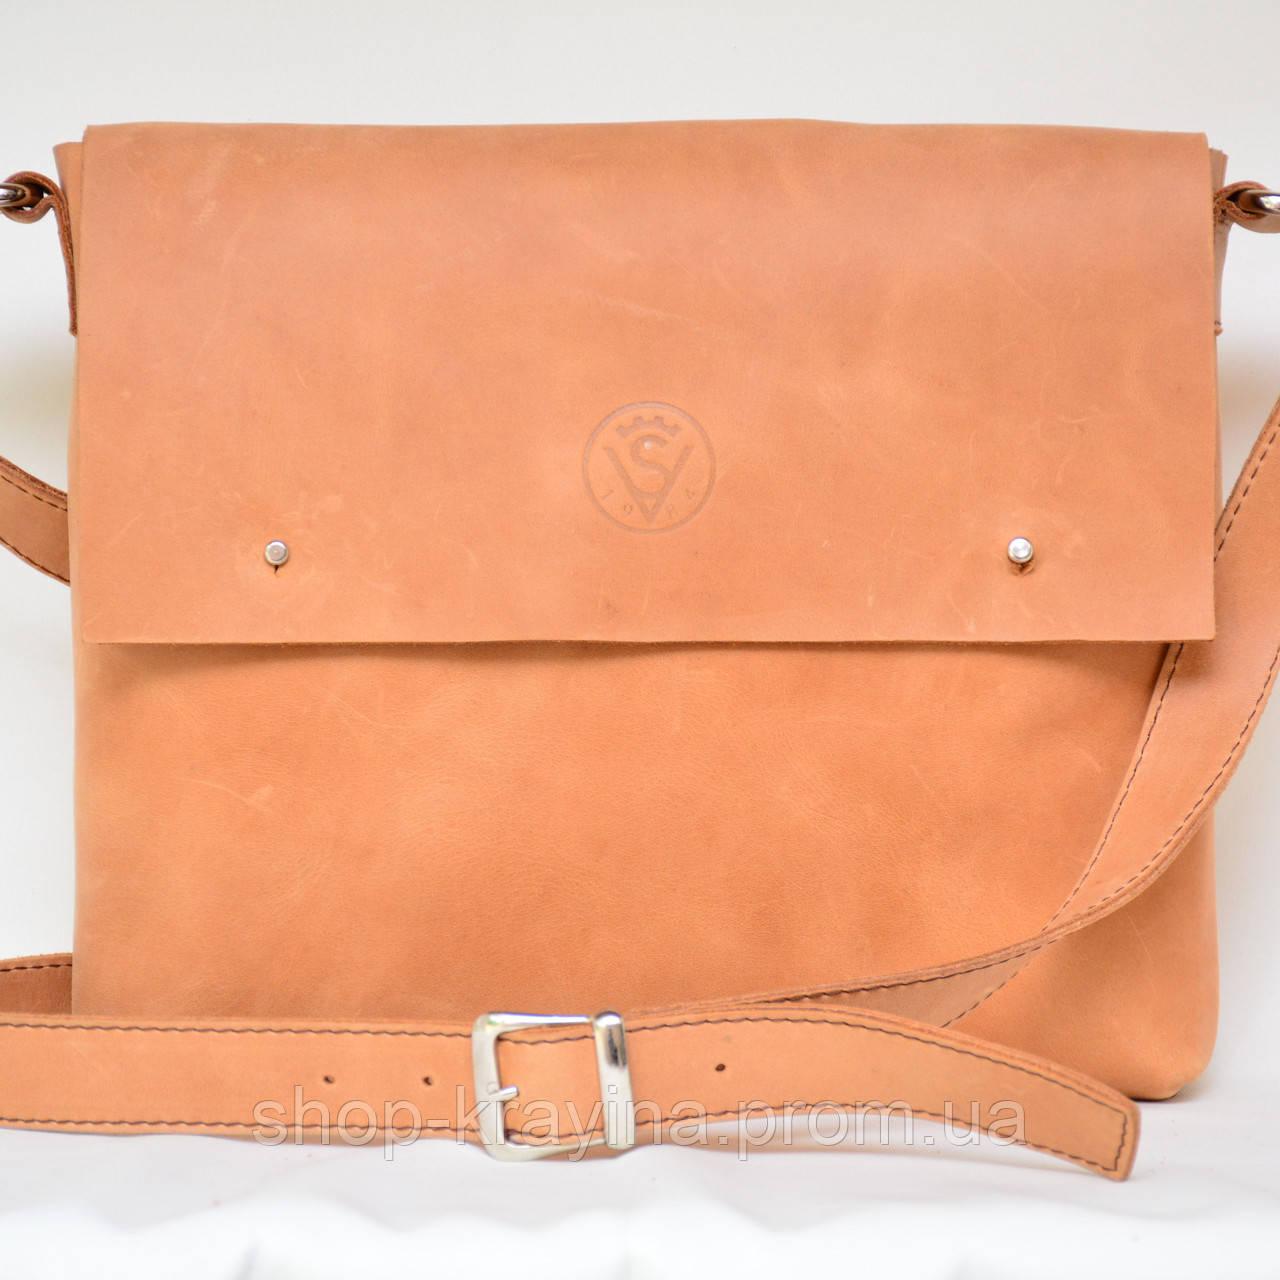 Кожаная сумка VS133  pale orange 26х22х4 см